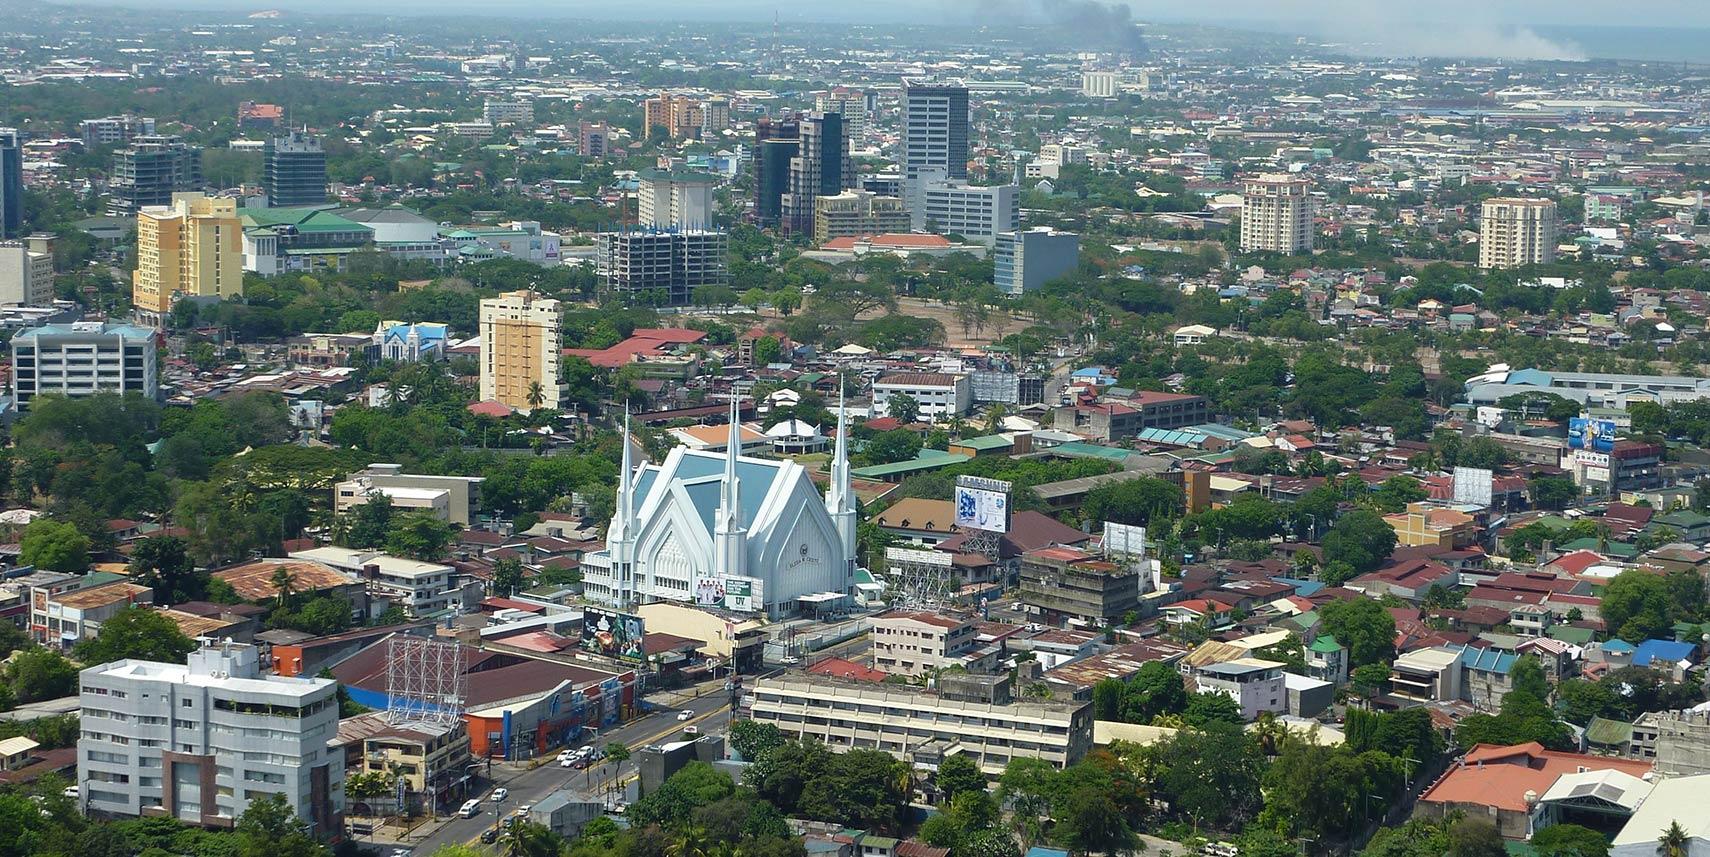 Cebu-City-aerial-view.jpg